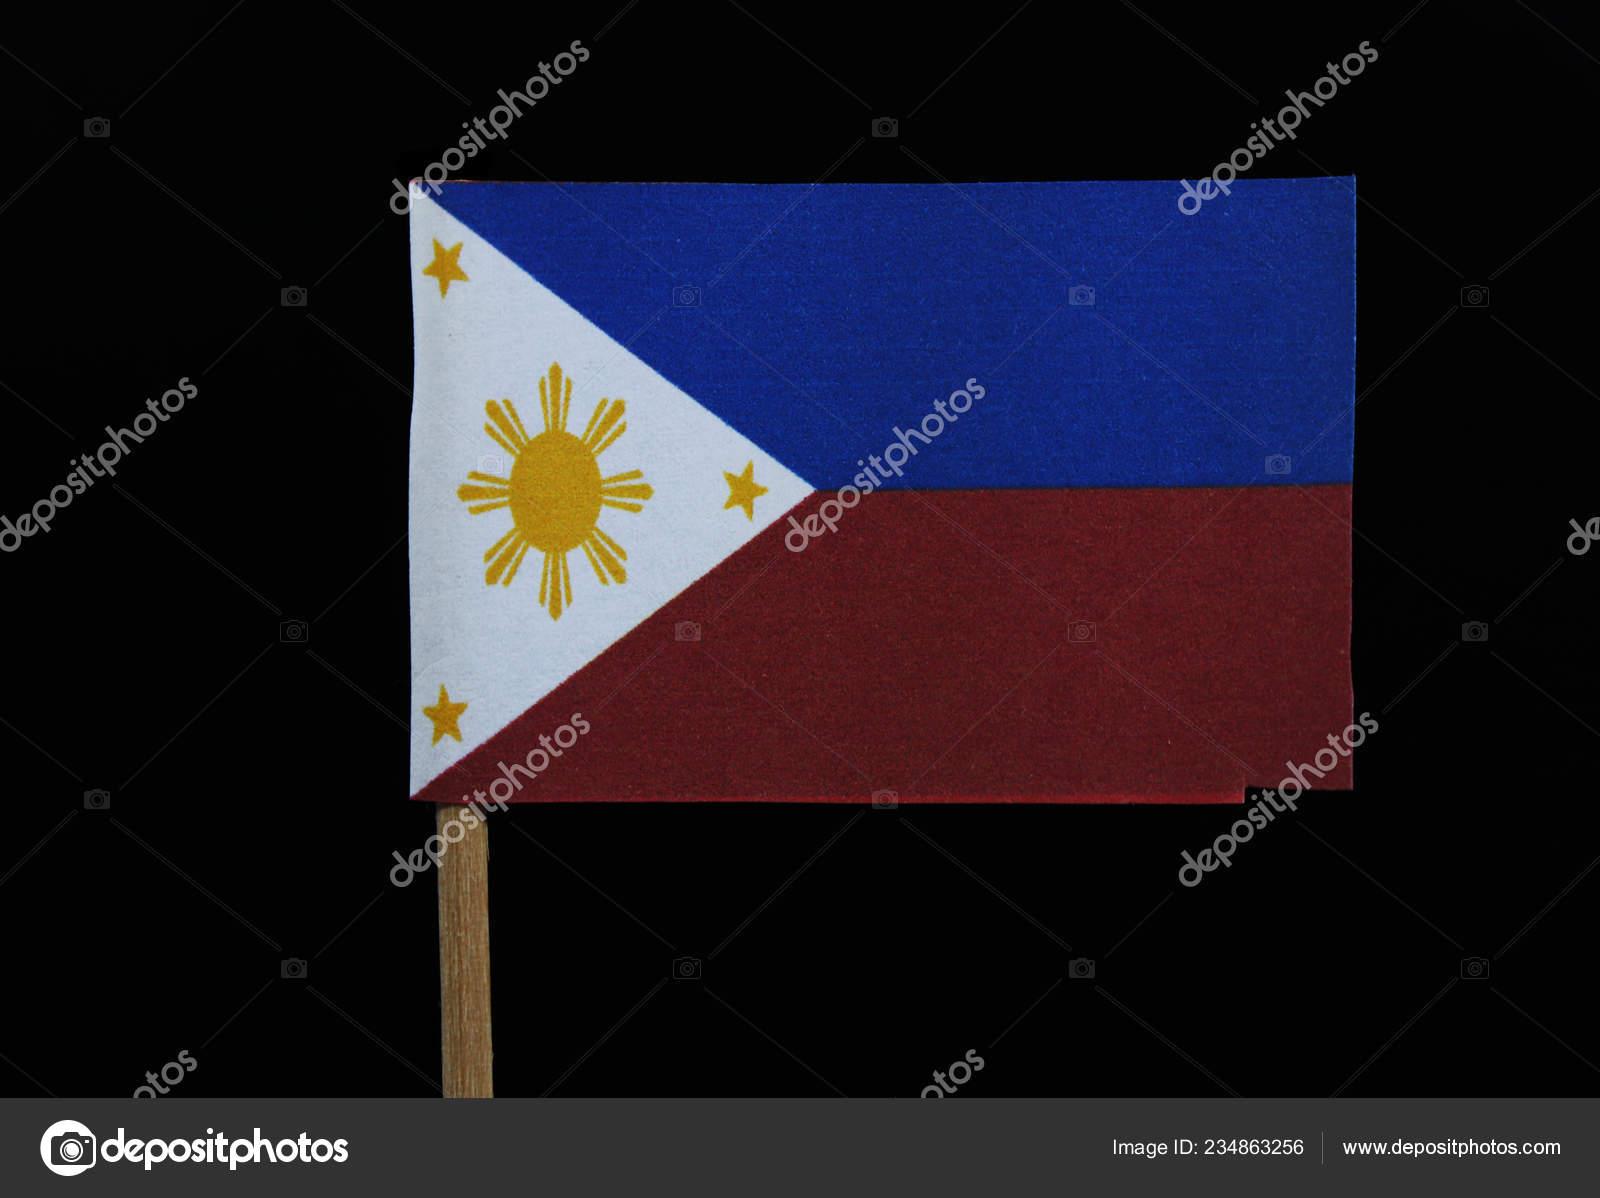 Drapeau Officiel Des Philippines Sur Cure Dent Sur Fond Noir